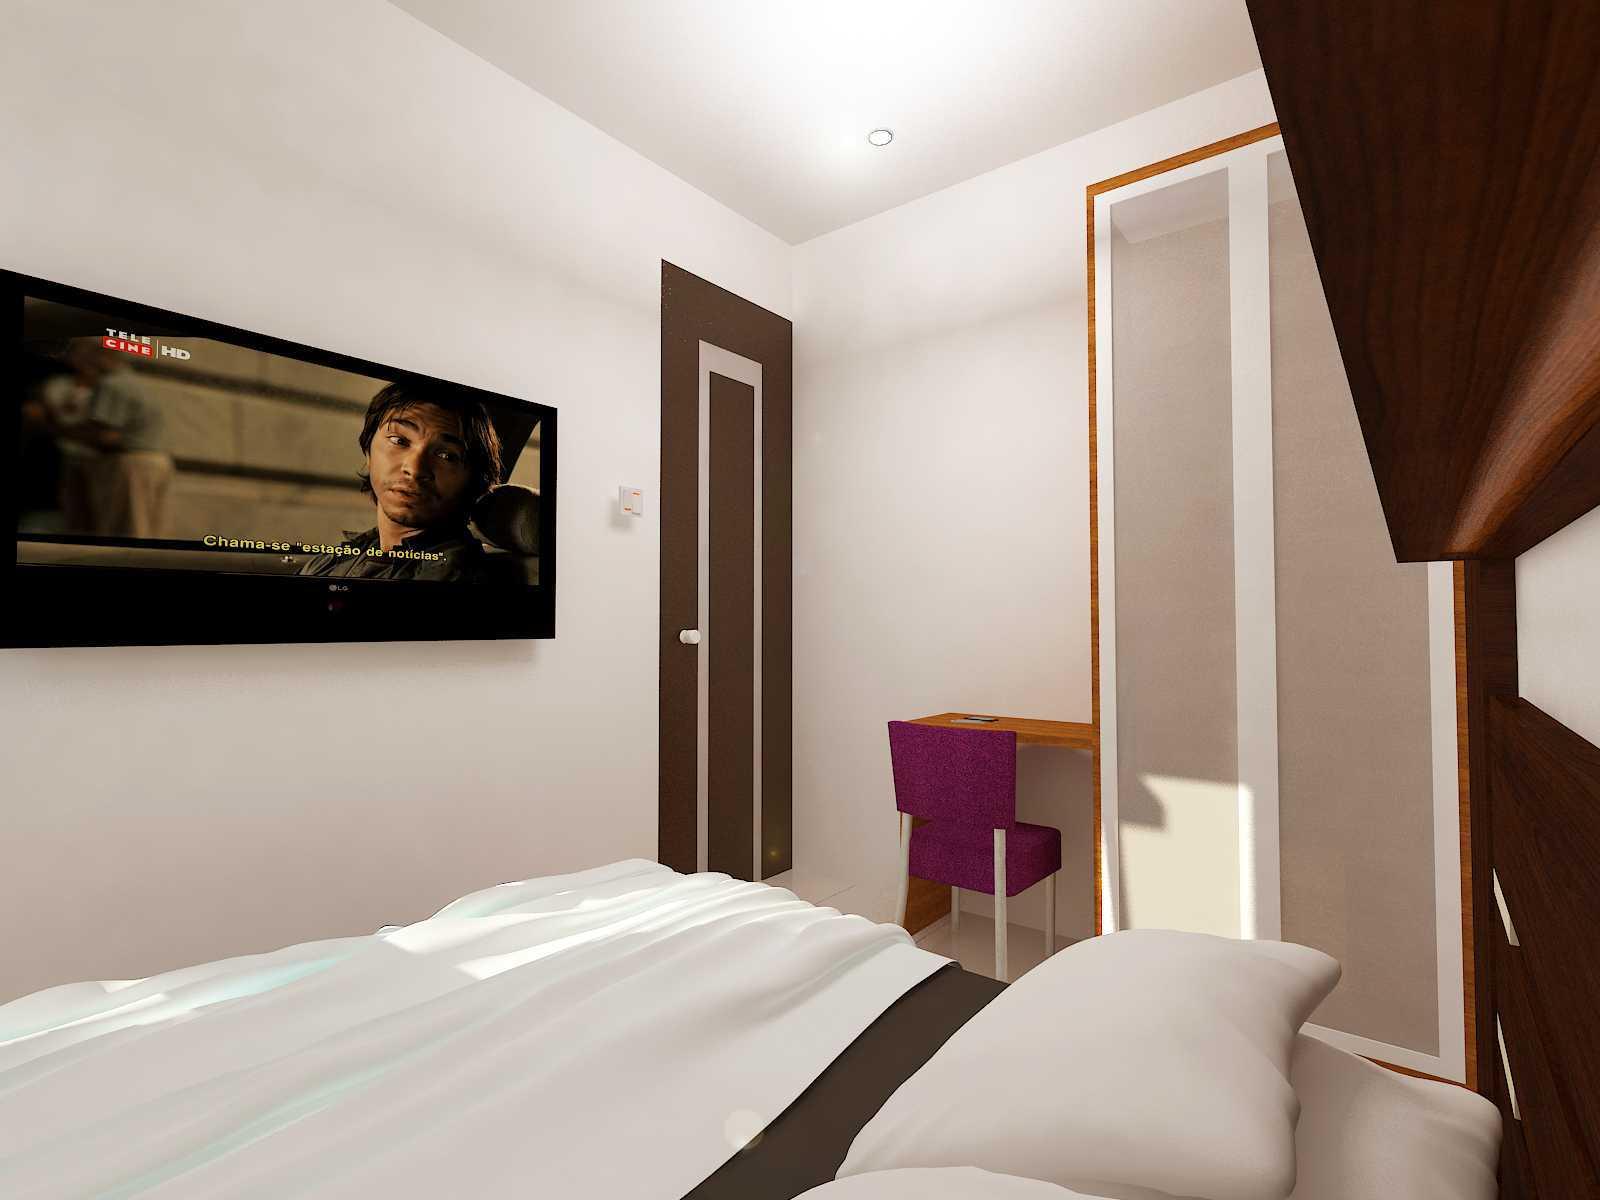 Archdesignbuild7 Rumah Minimalis Di Kopo Jl. Kopo Sayati , Bandung Jl. Kopo Sayati , Bandung Bedroom Minimalis  13301